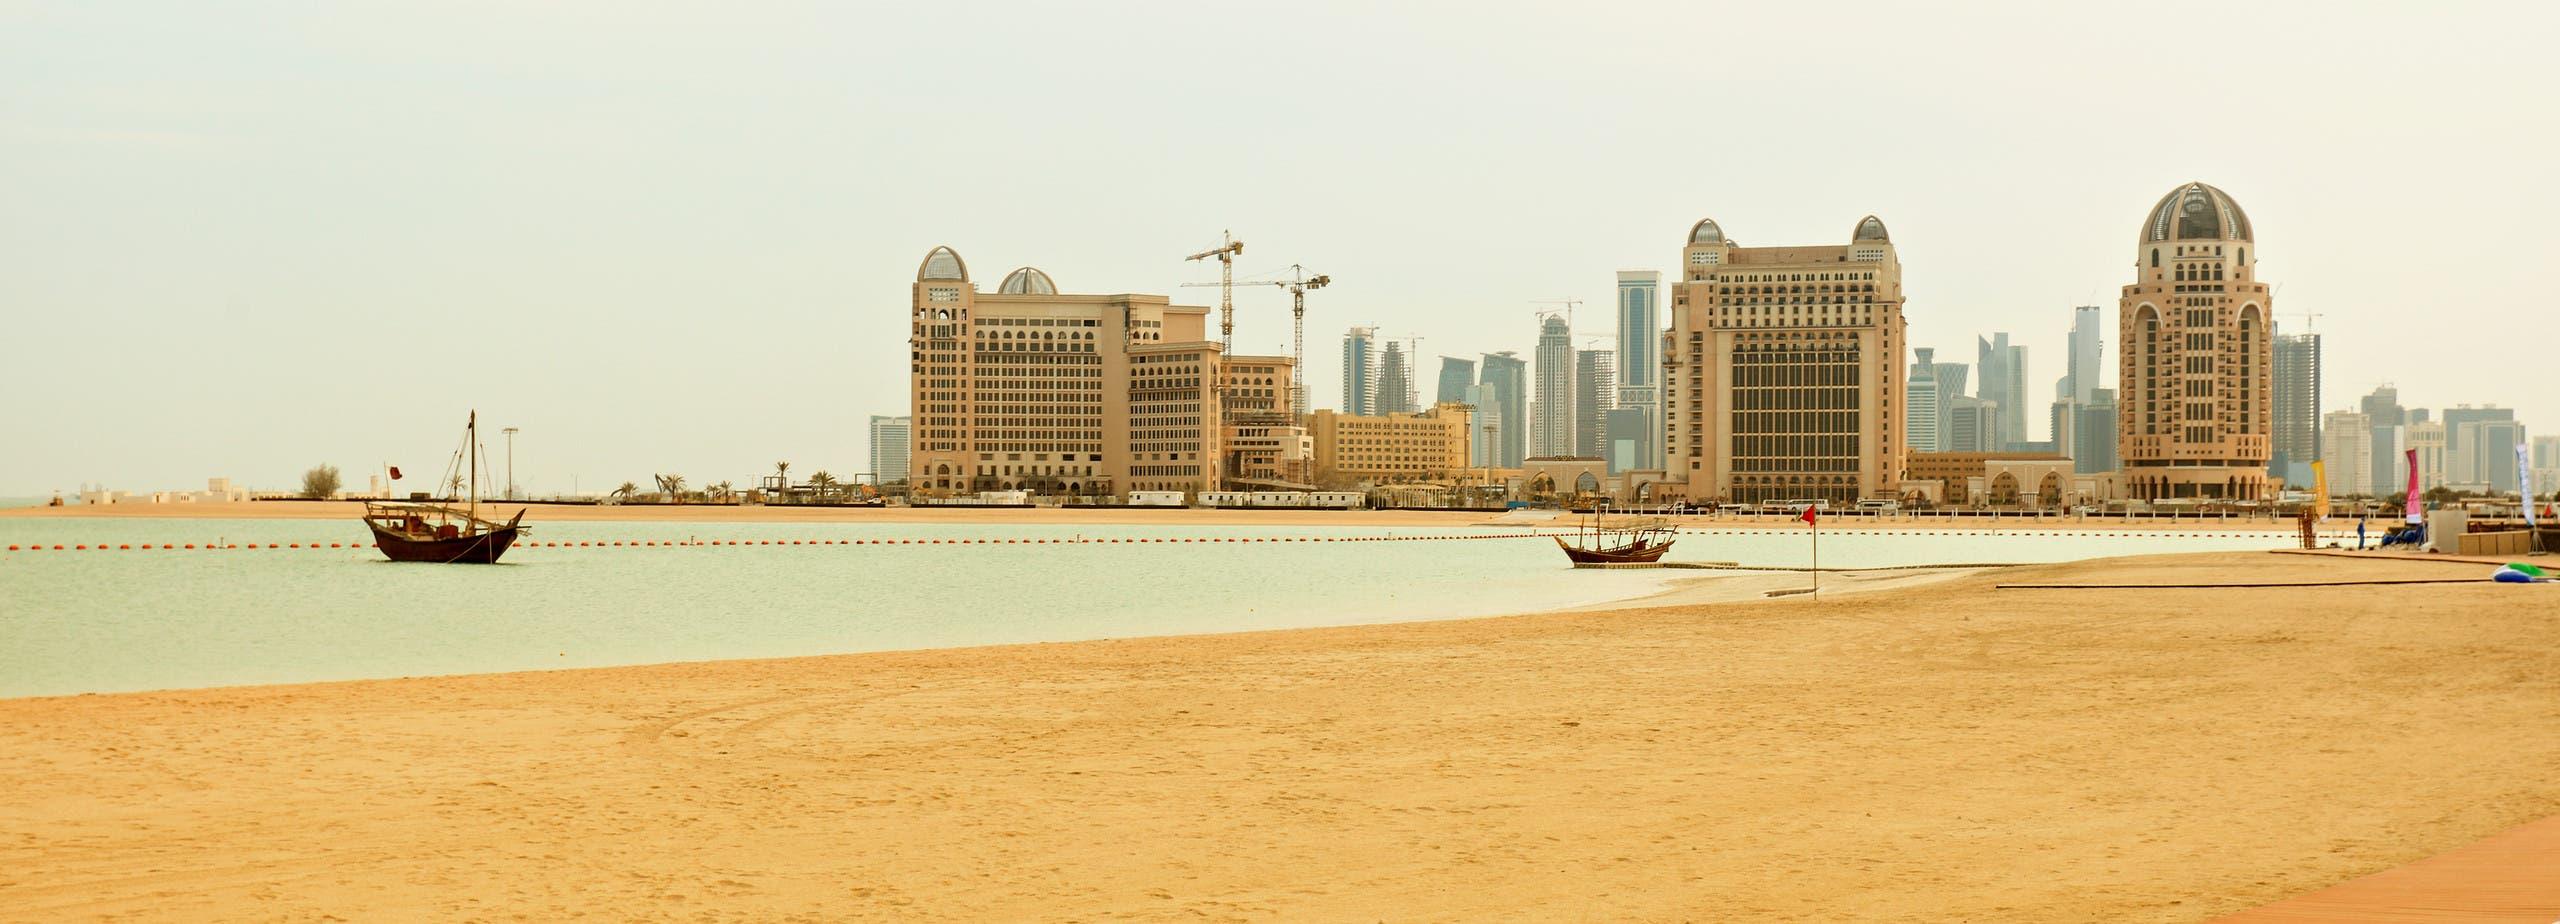 qatar sand shutterstock